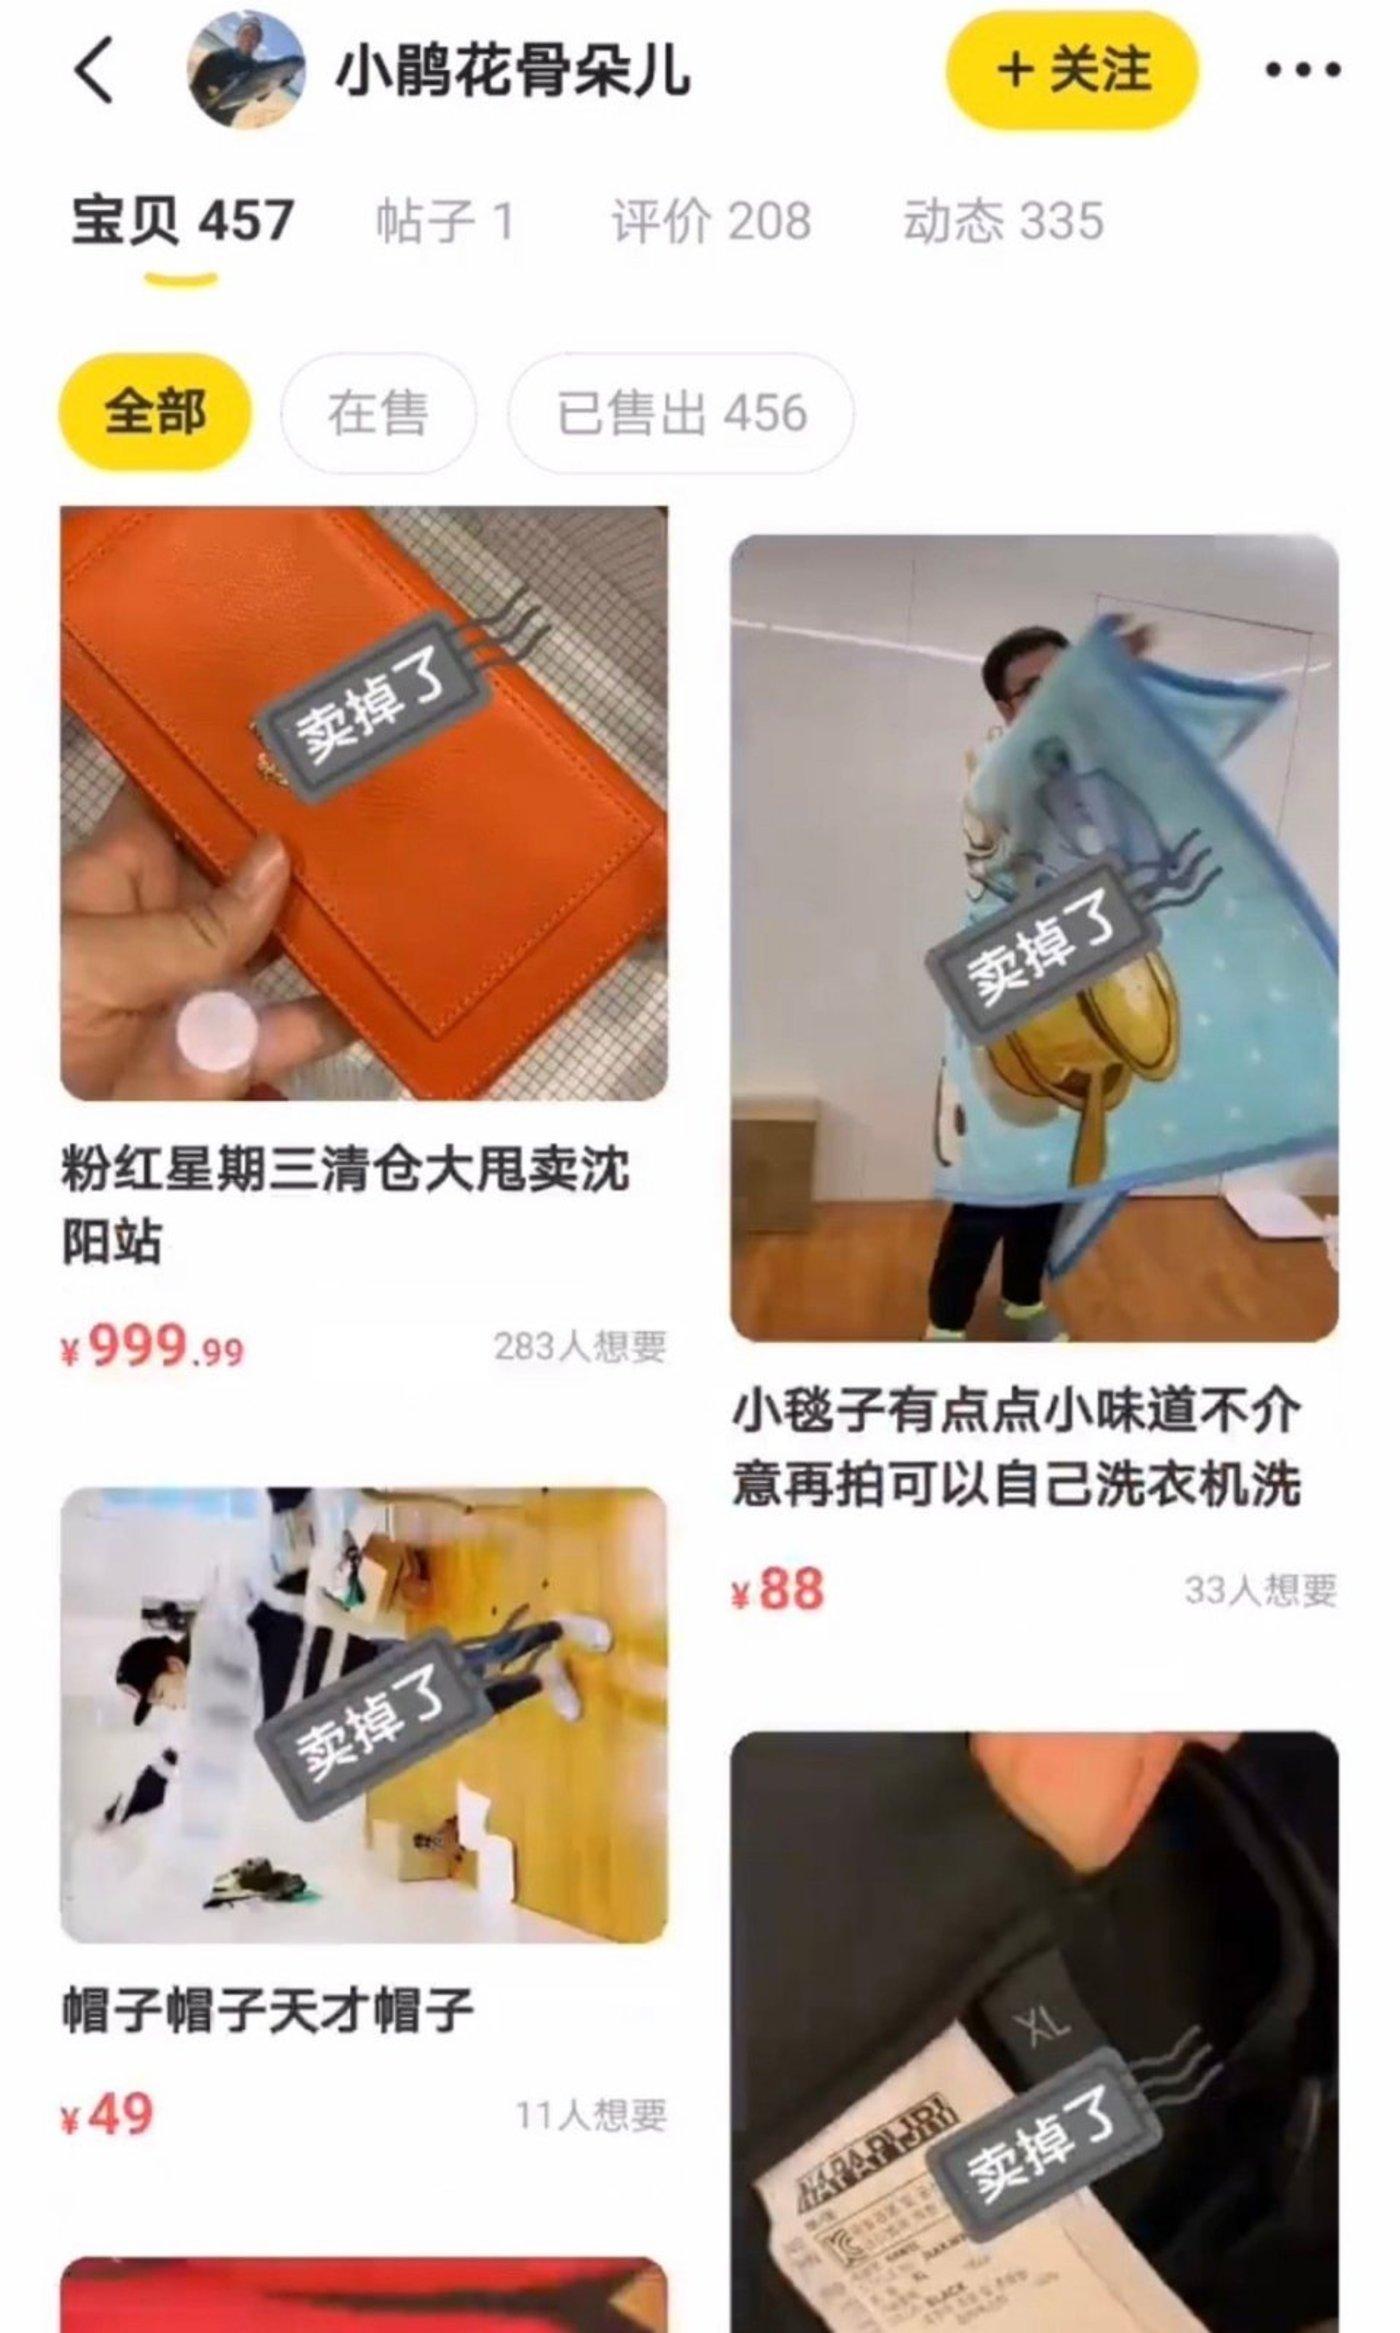 杜海涛被粉丝质疑咸鱼售卖应援礼物